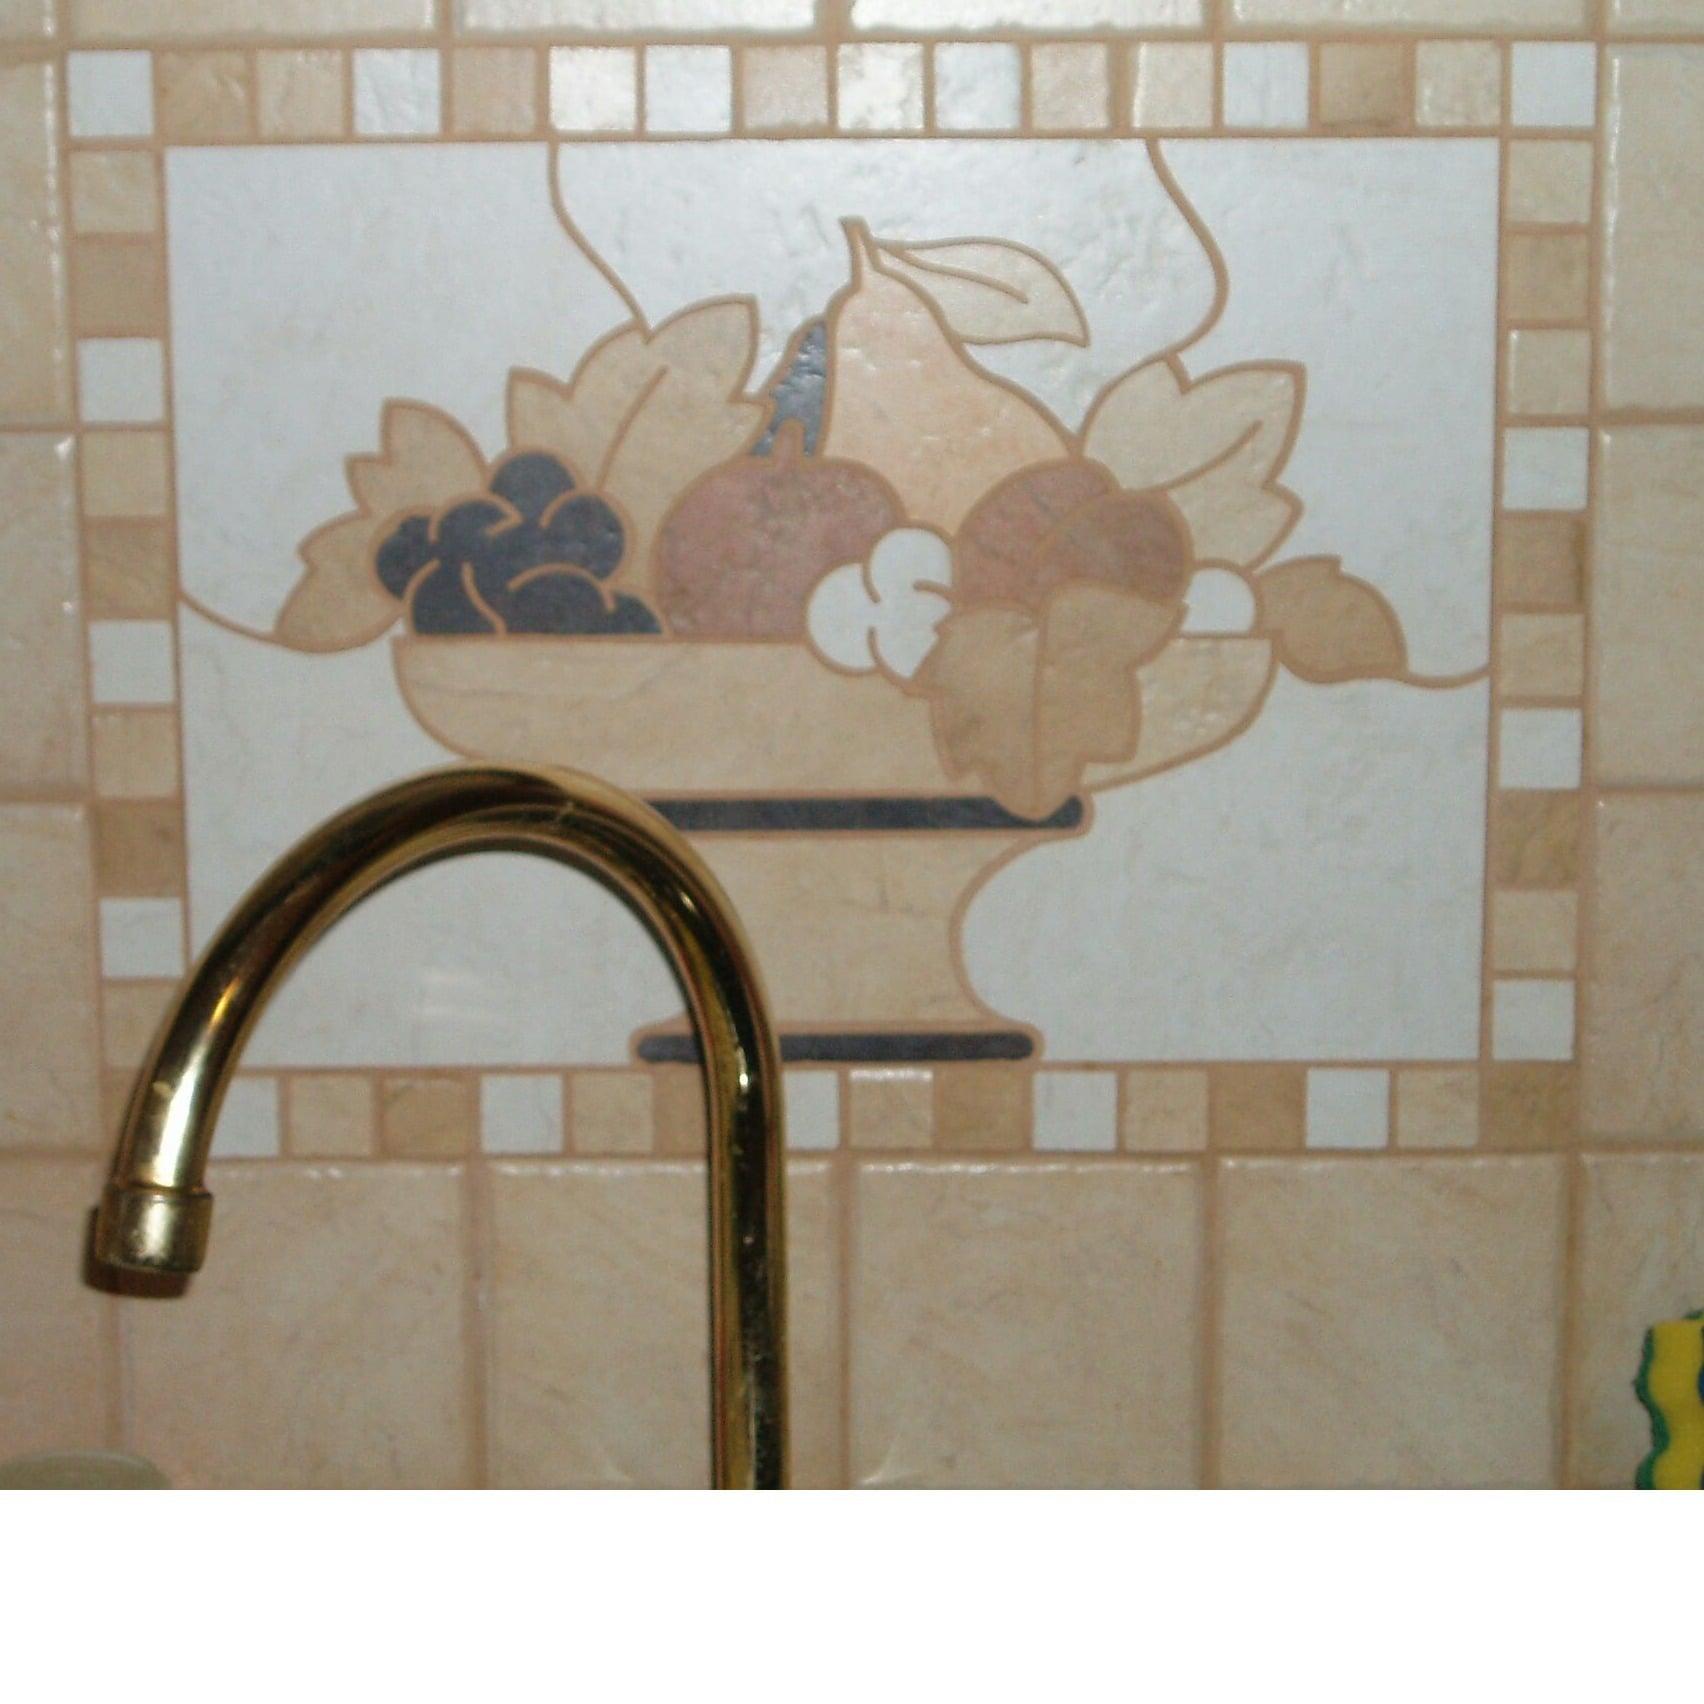 immagini gratuite di grossi rubinetti